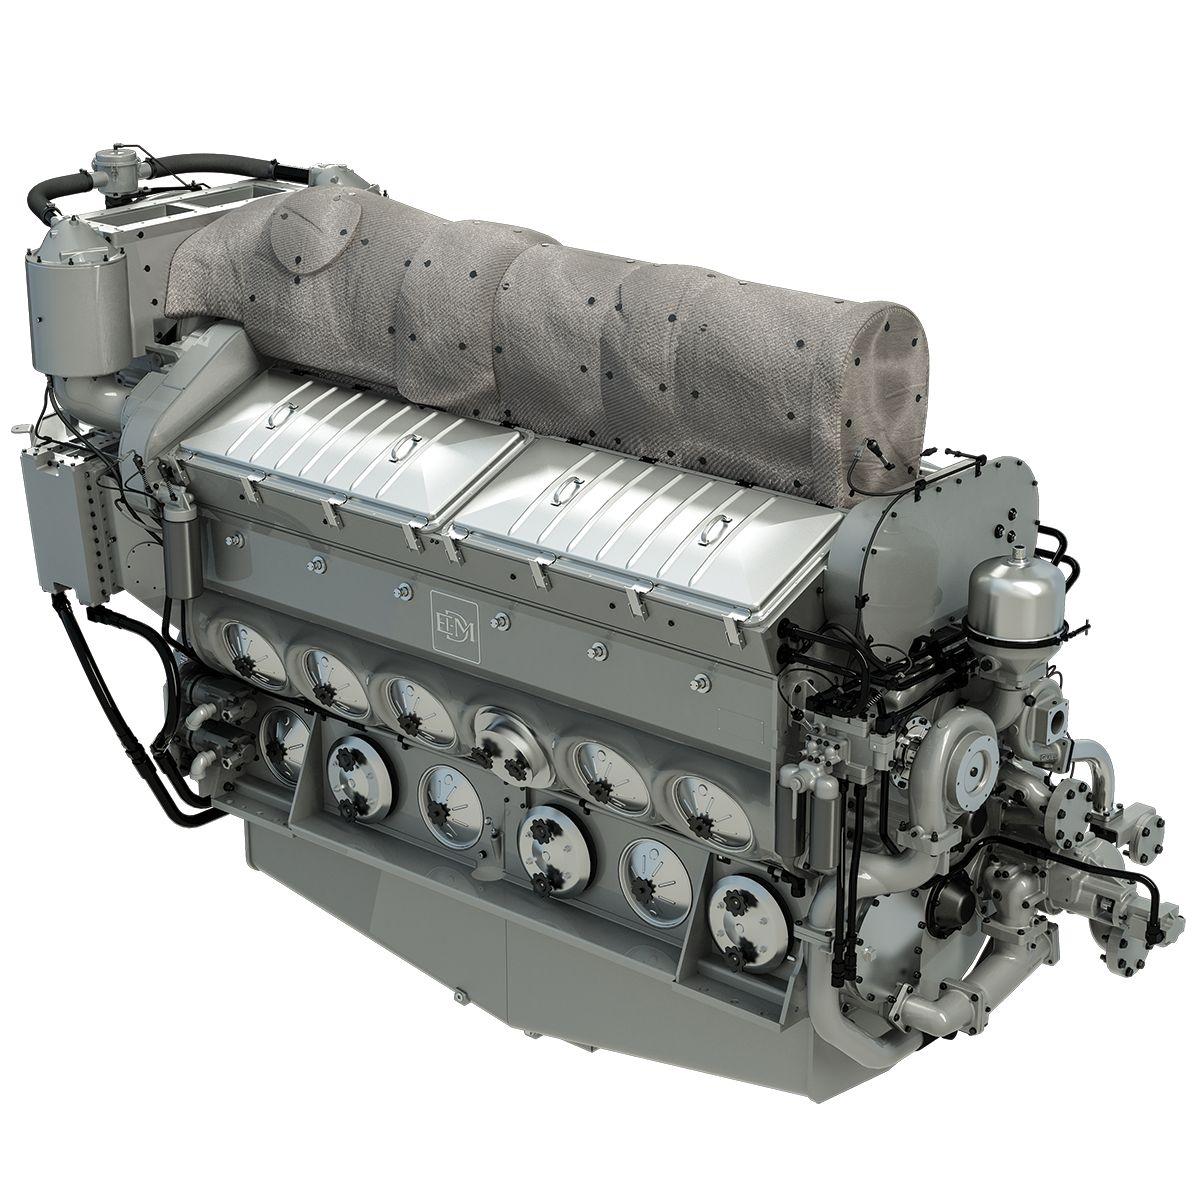 EMD® 710 Engine